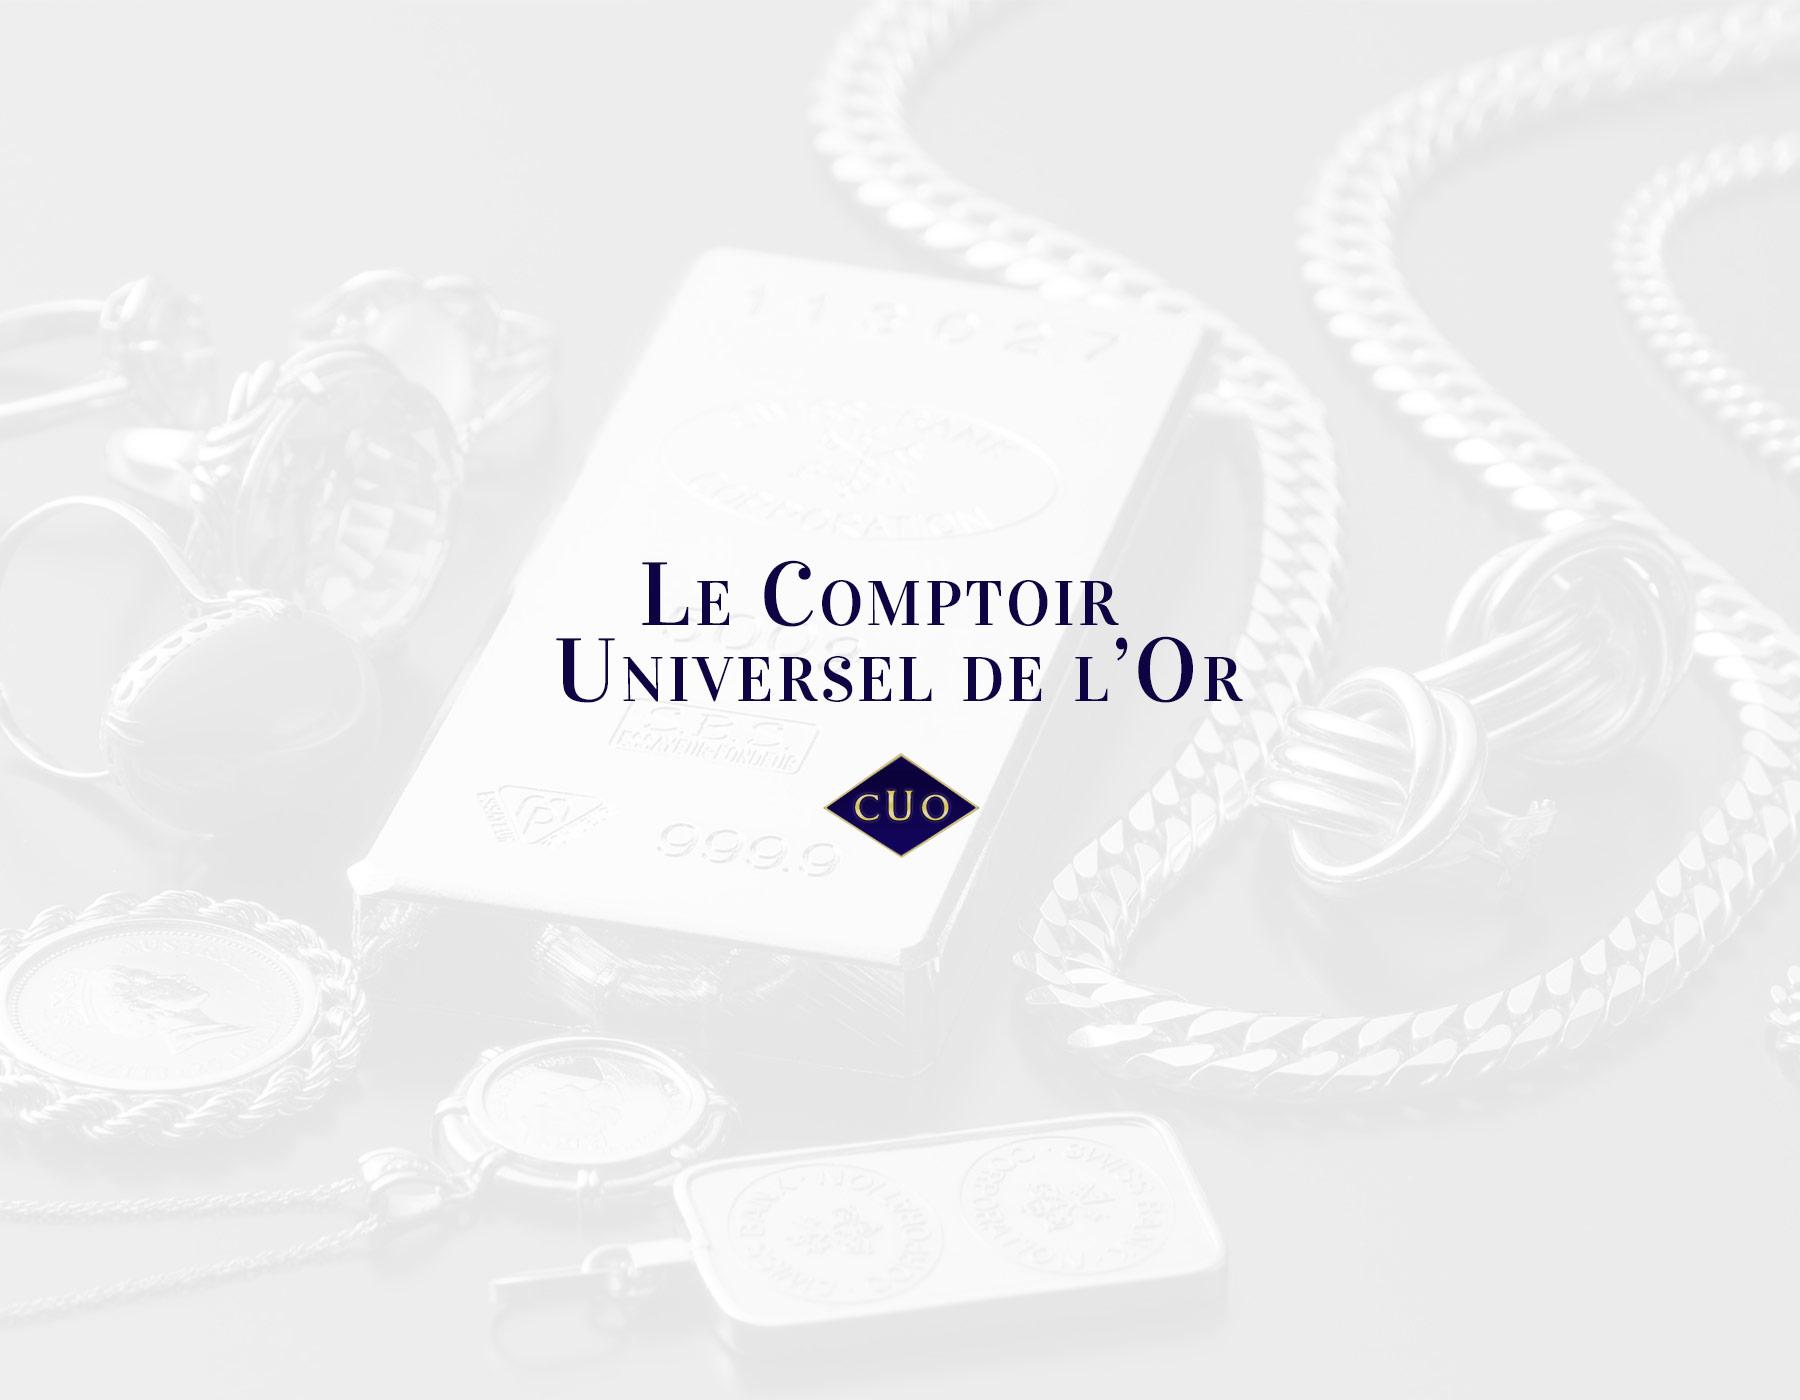 Facture de rachat d'or à Chalon, Villefranche et Mâcon: voici ce que vous y trouverez